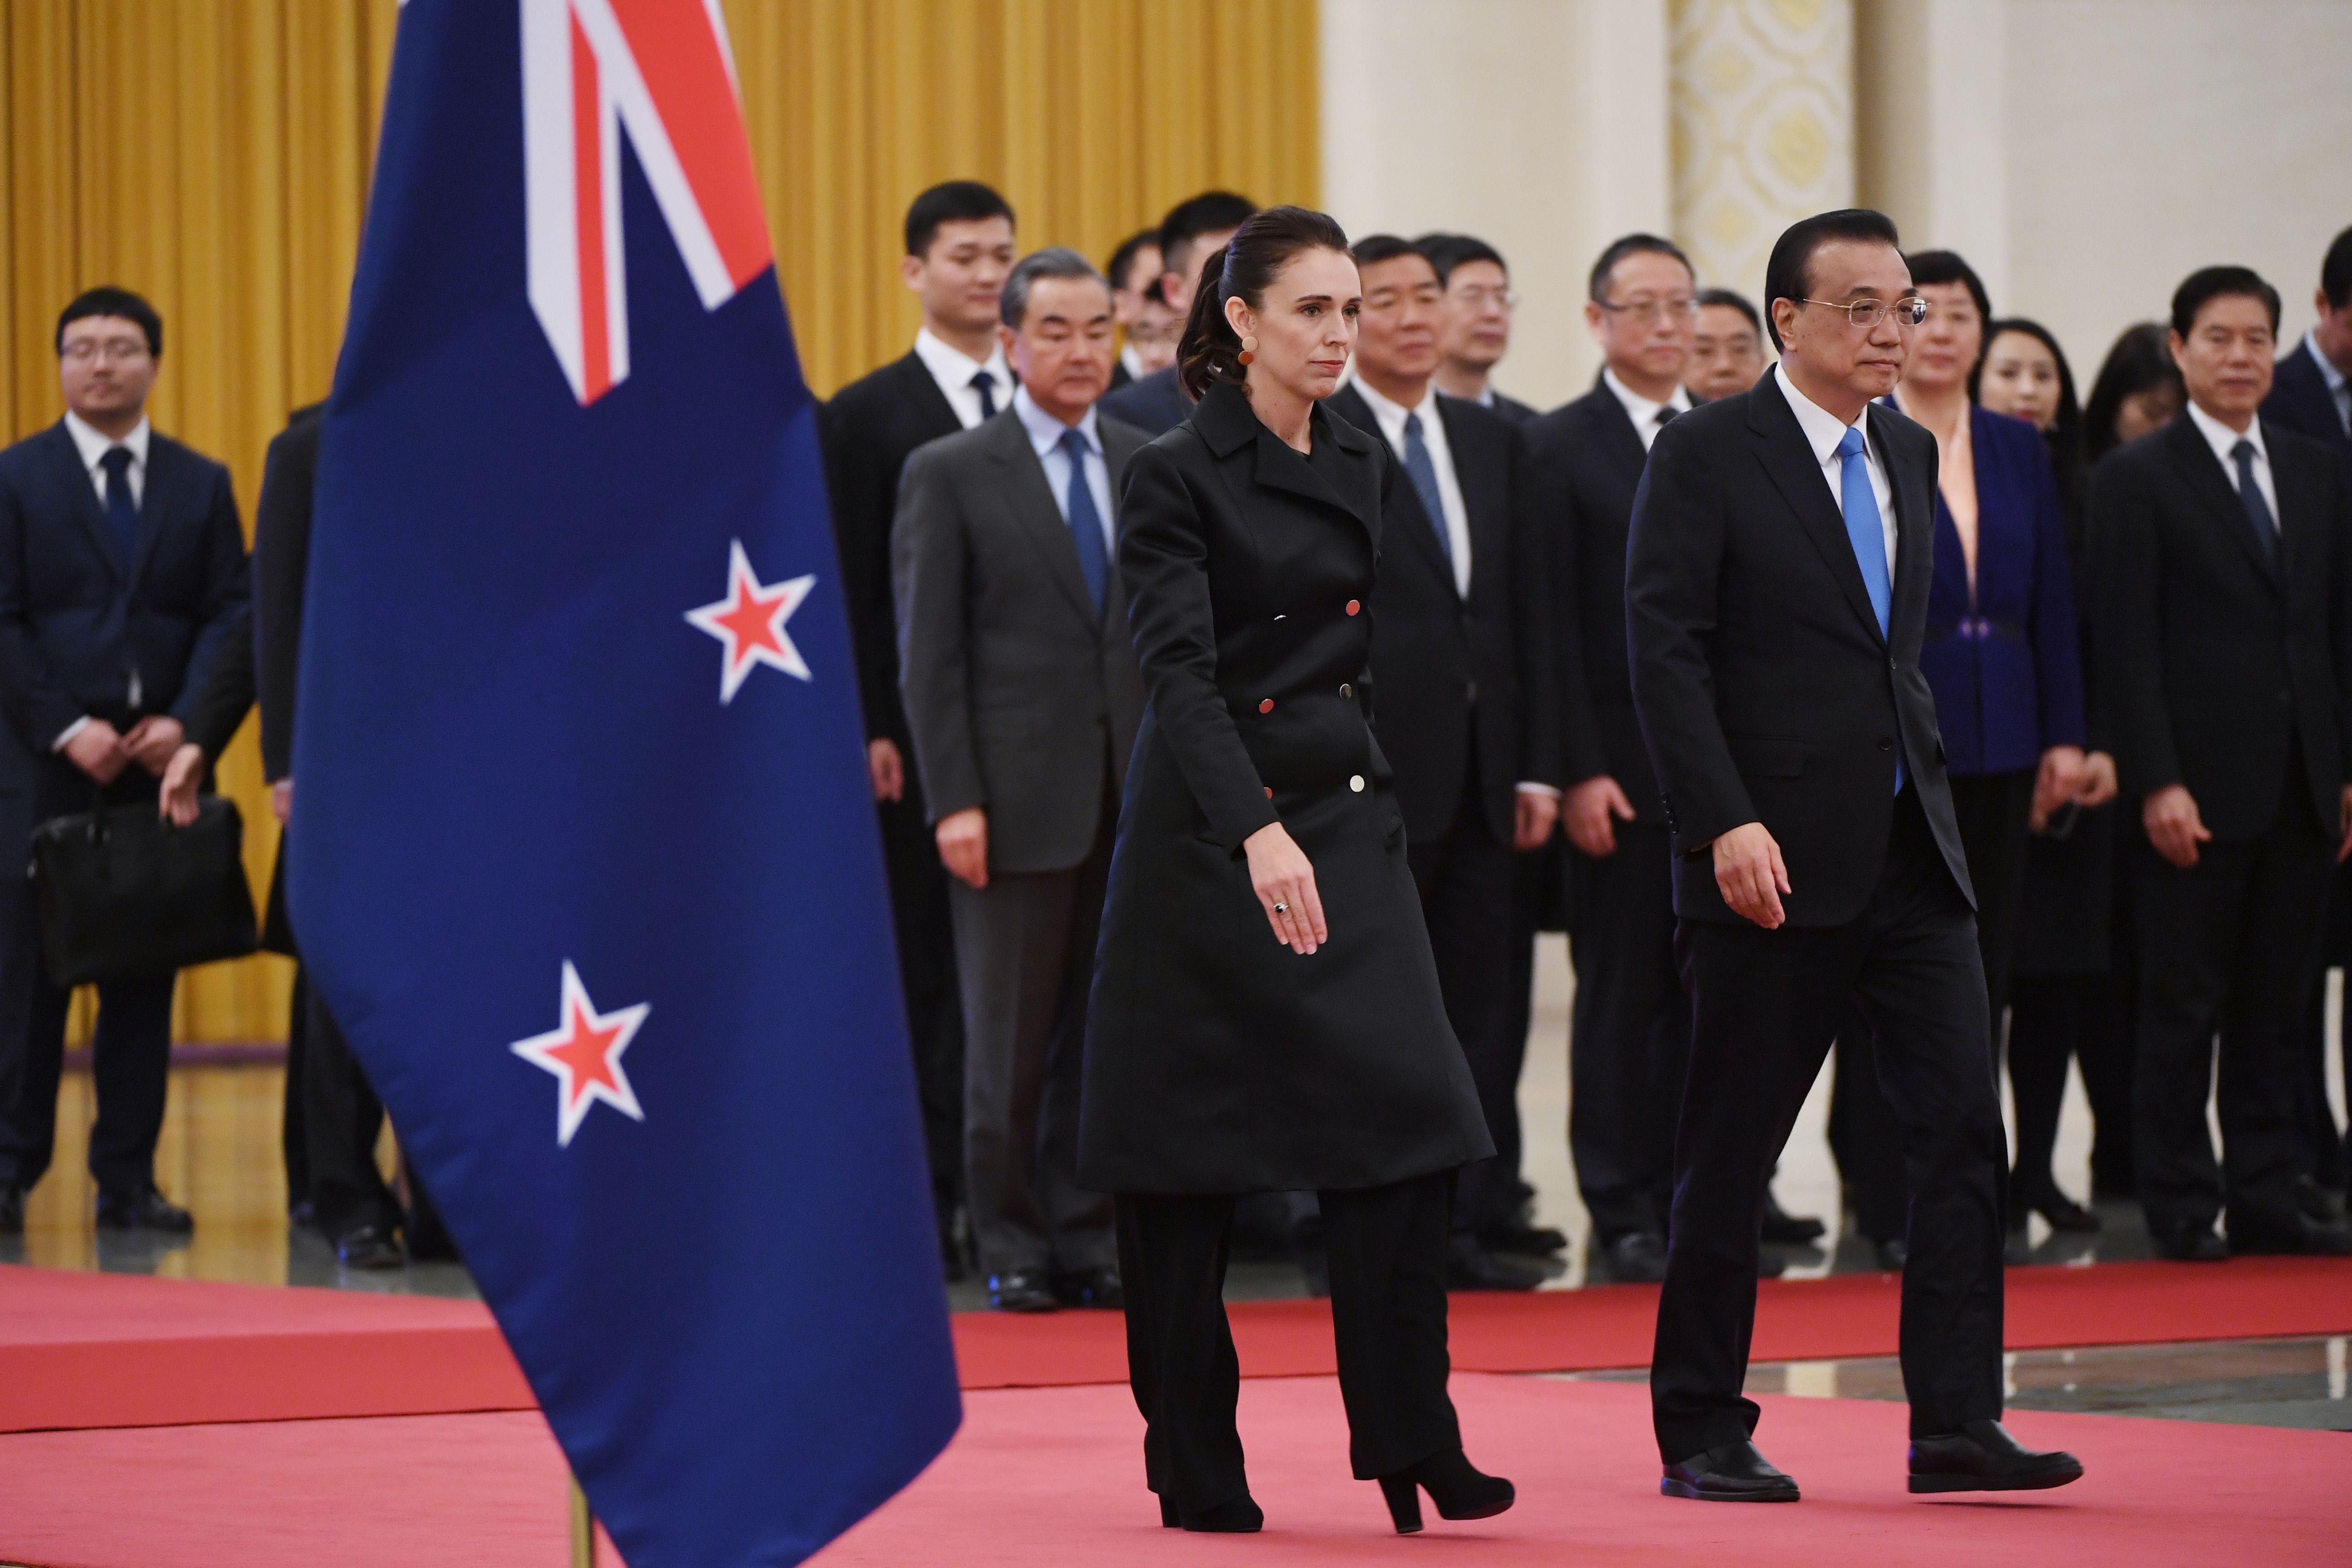 紐西蘭總理訪華一日行 提令中共棘手的問題